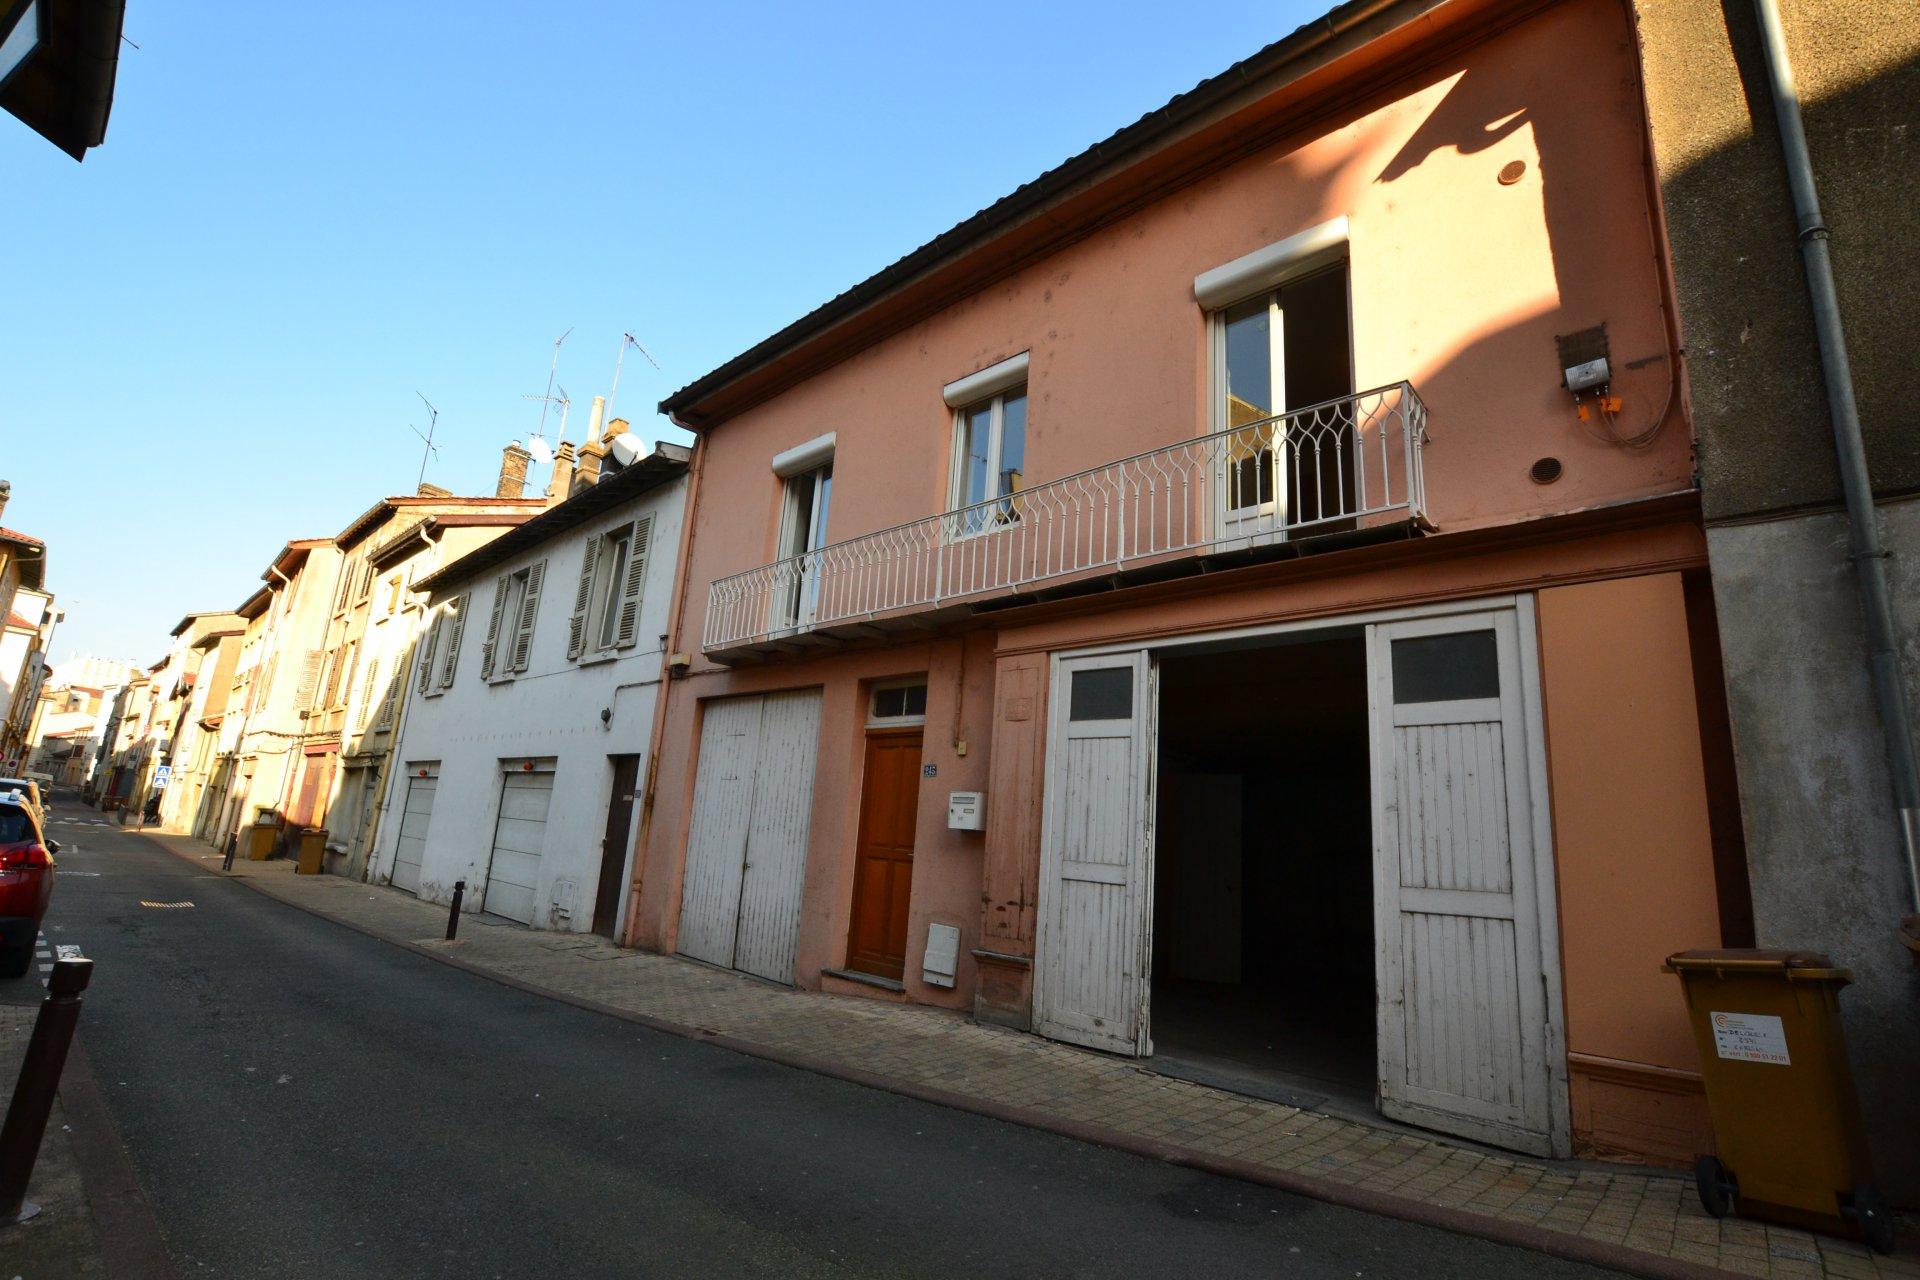 EXCLUSIVITE - Maison de ville avec deux garages